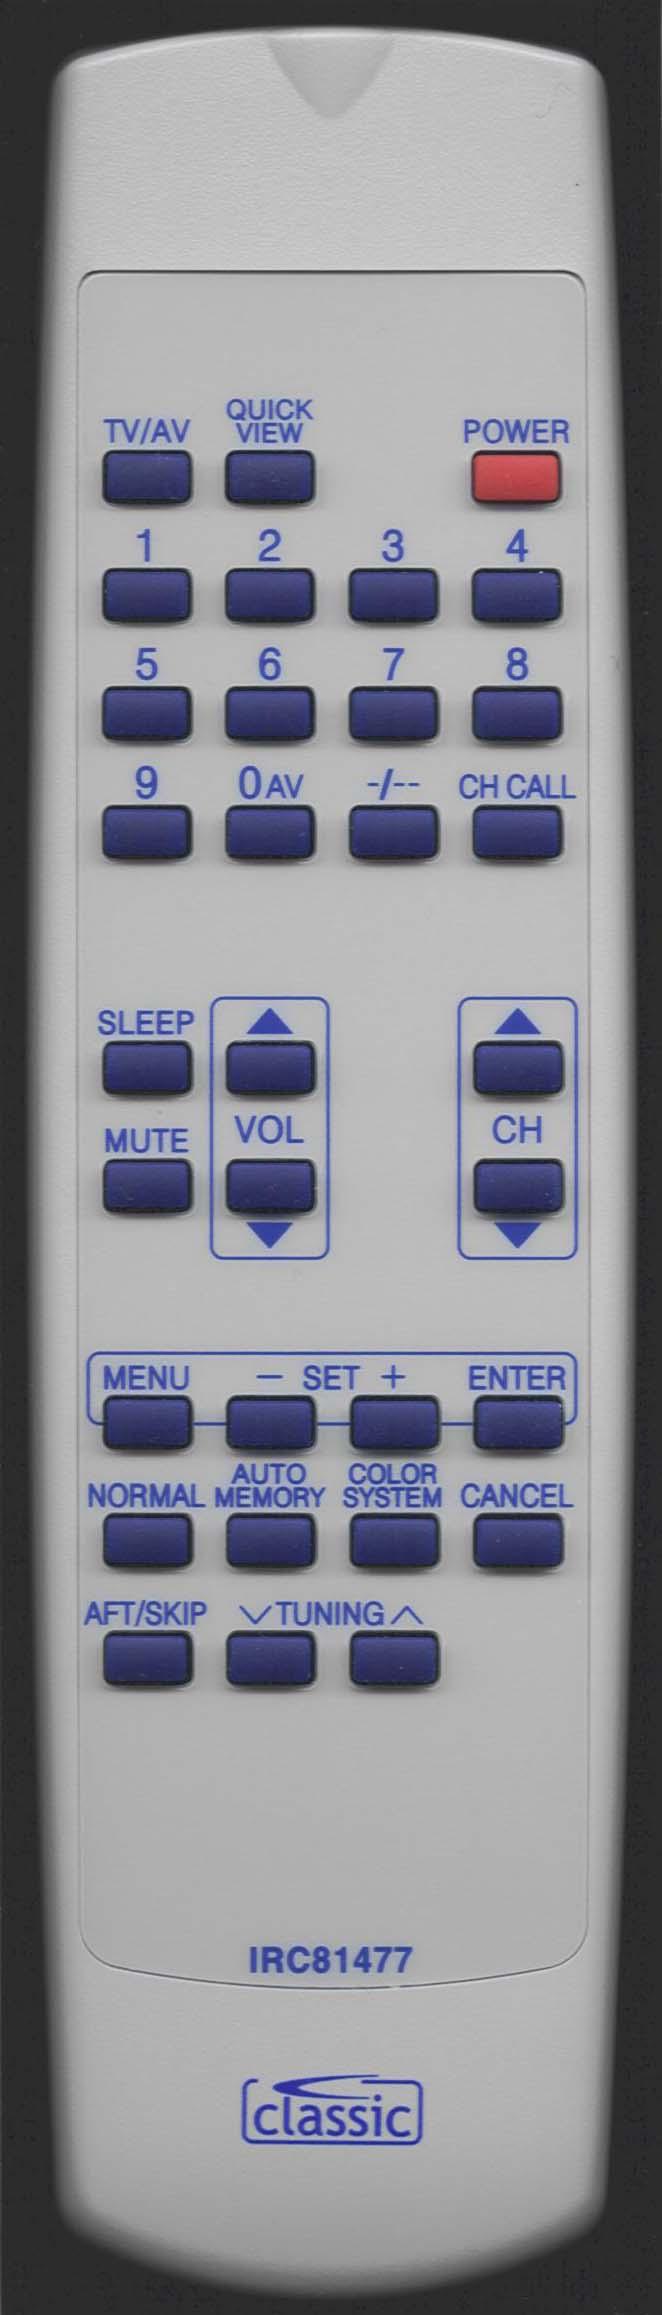 MATSUI 076R0BR070 Remote Control